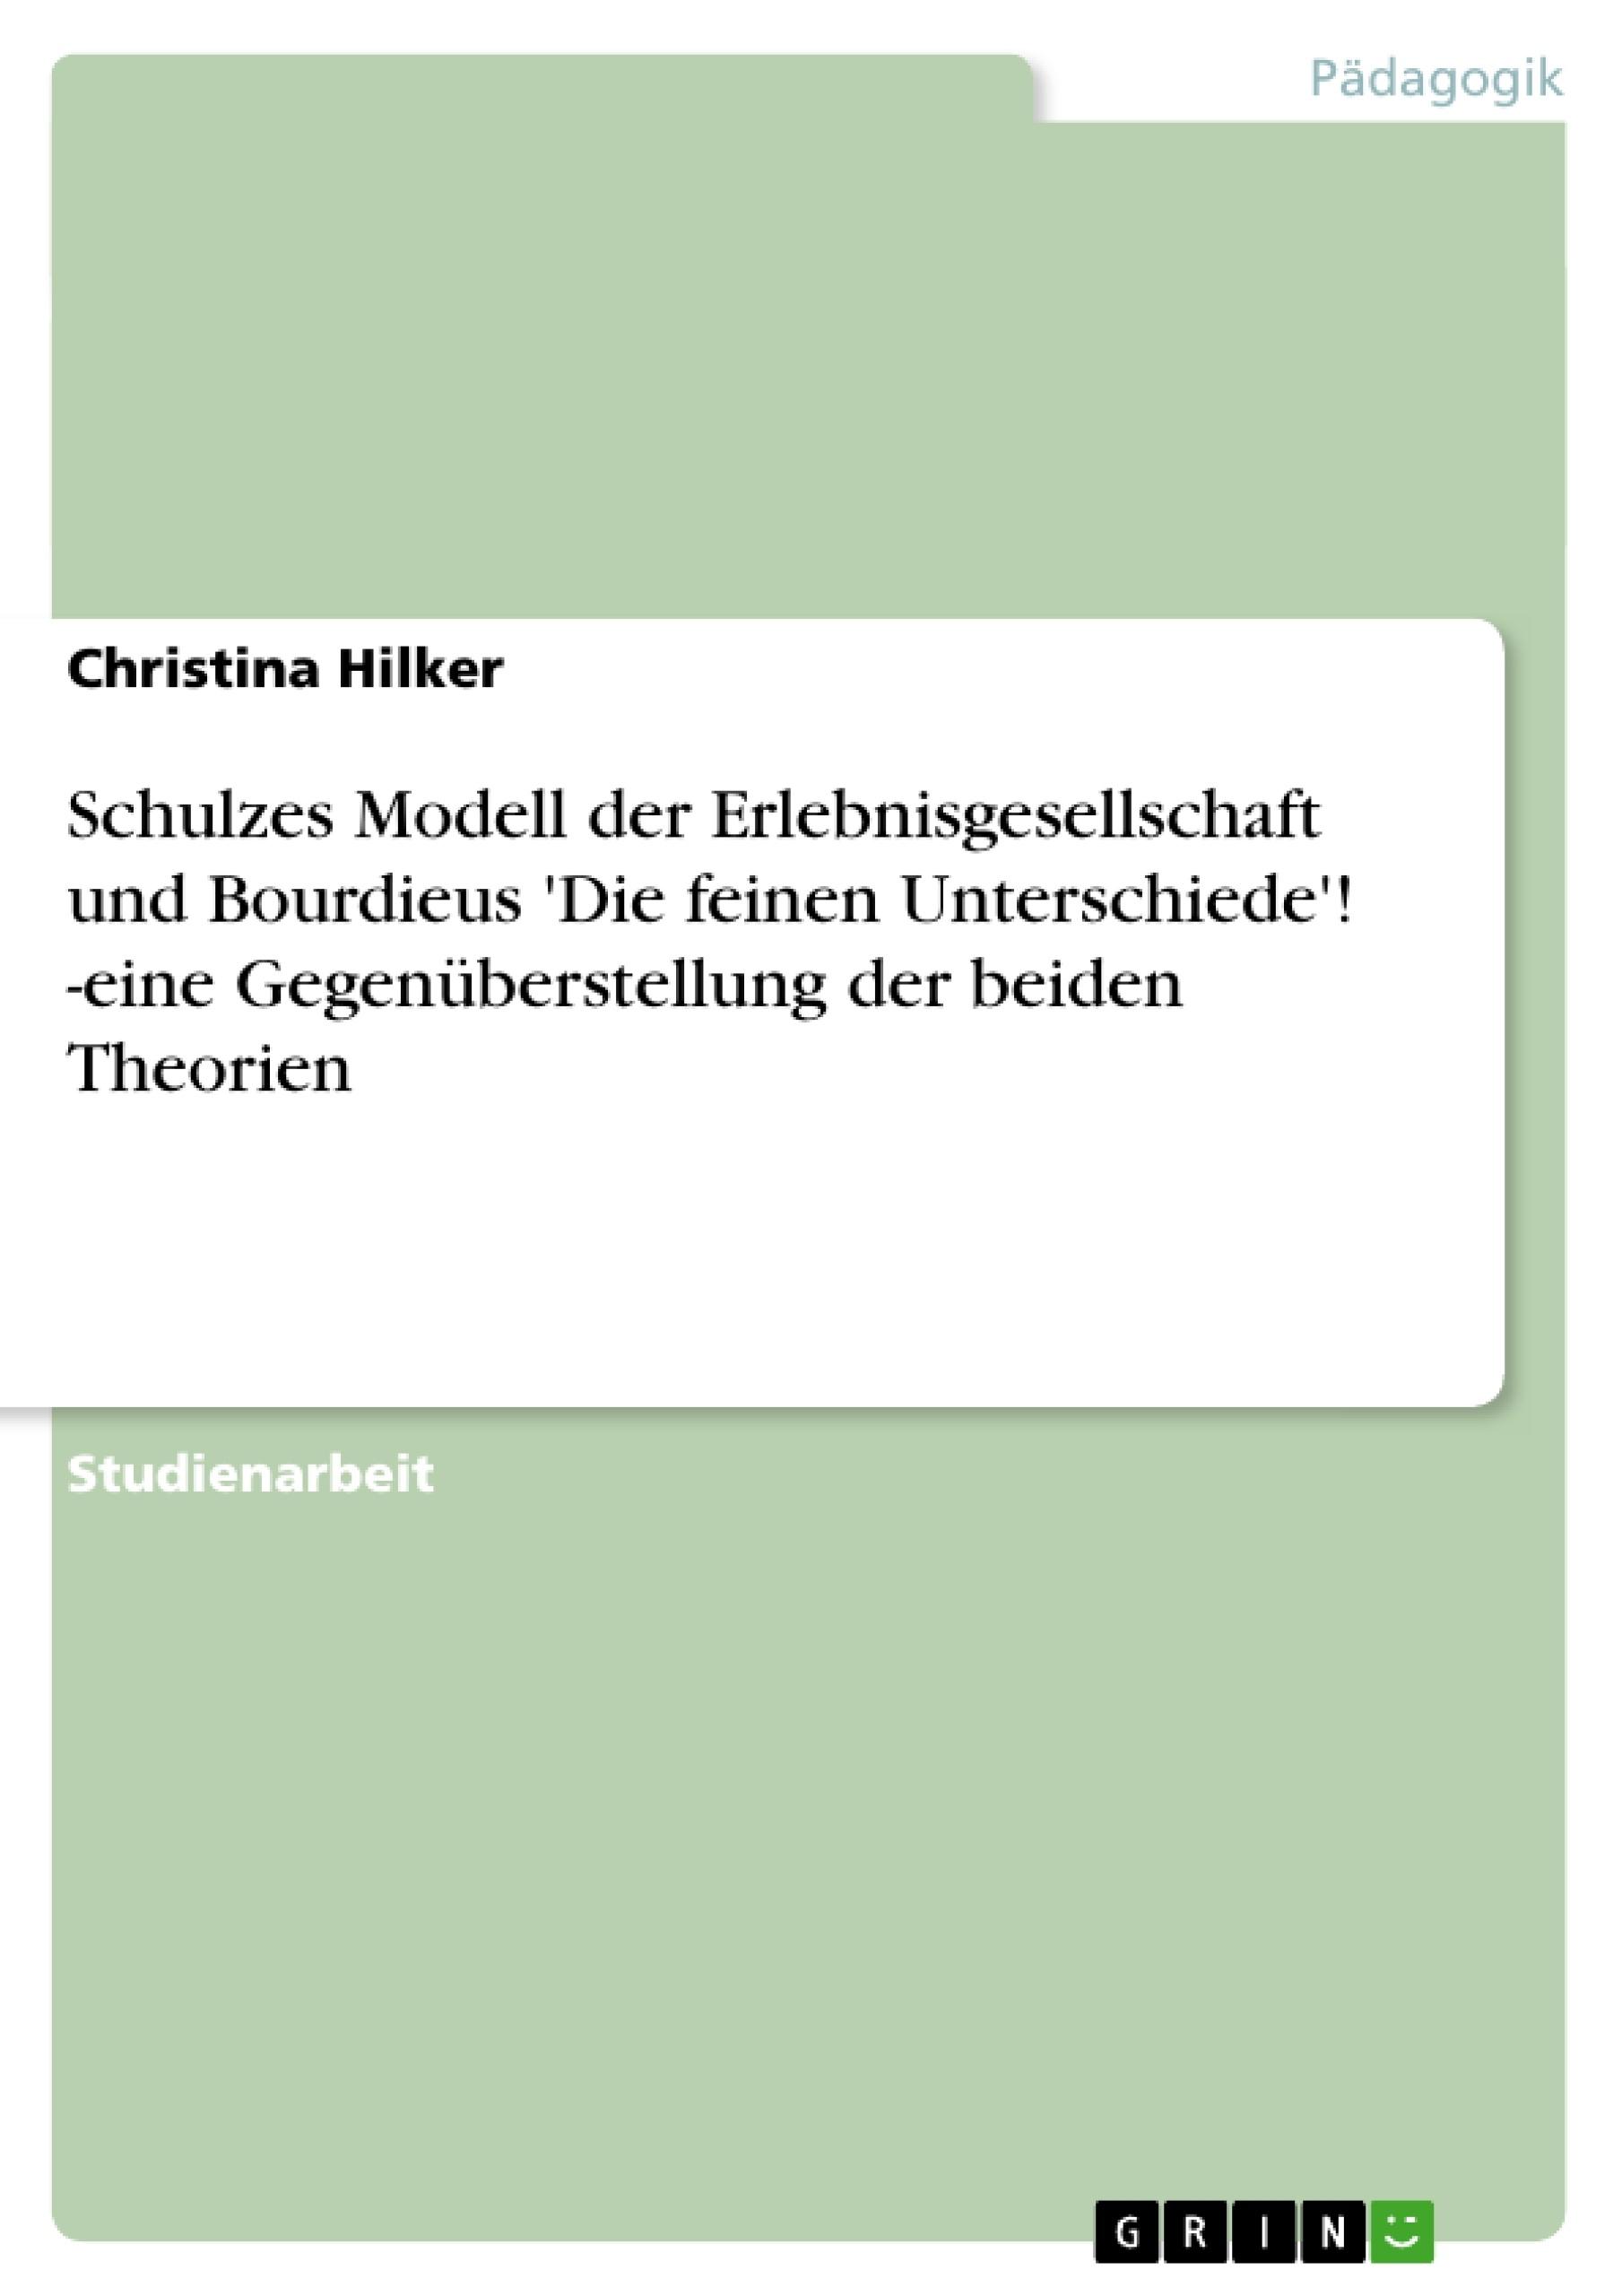 Titel: Schulzes Modell der Erlebnisgesellschaft und Bourdieus 'Die feinen Unterschiede'! -eine Gegenüberstellung der beiden Theorien